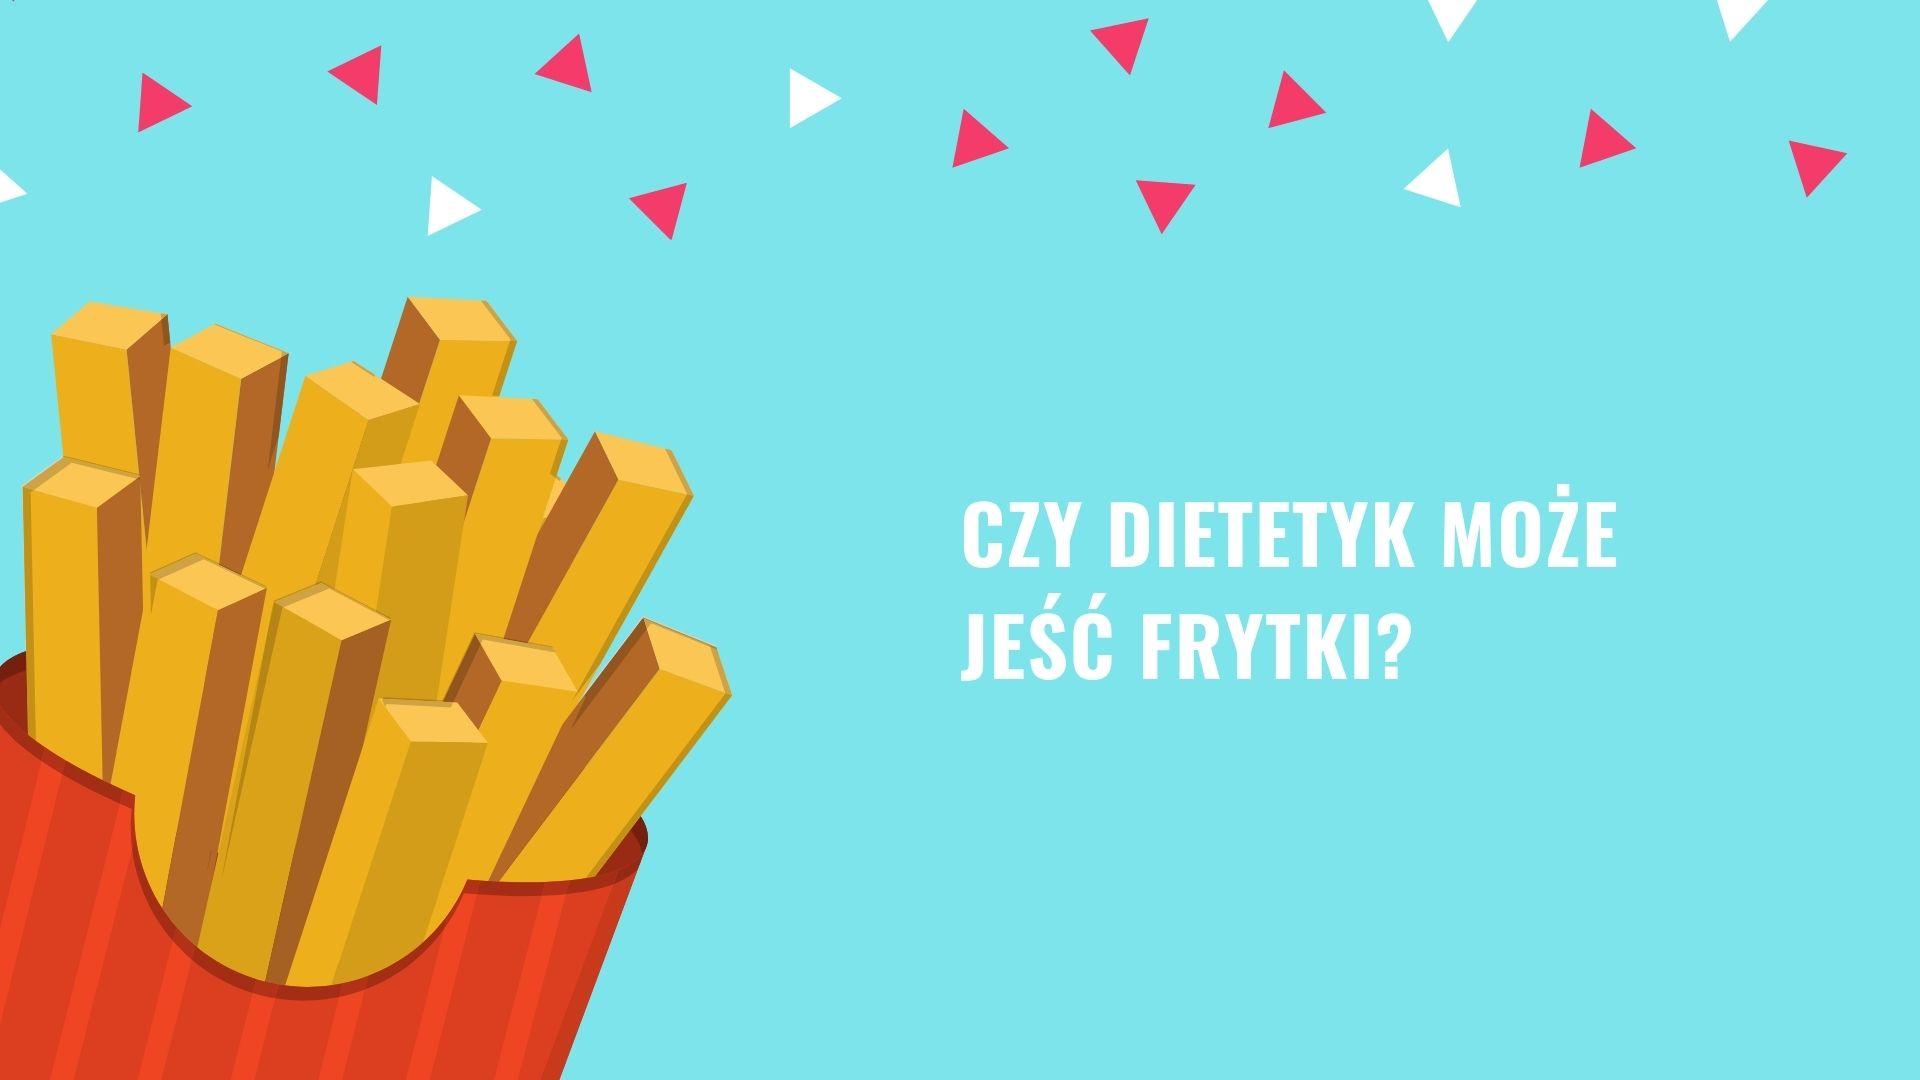 Czy dietetyk może jeść frytki?